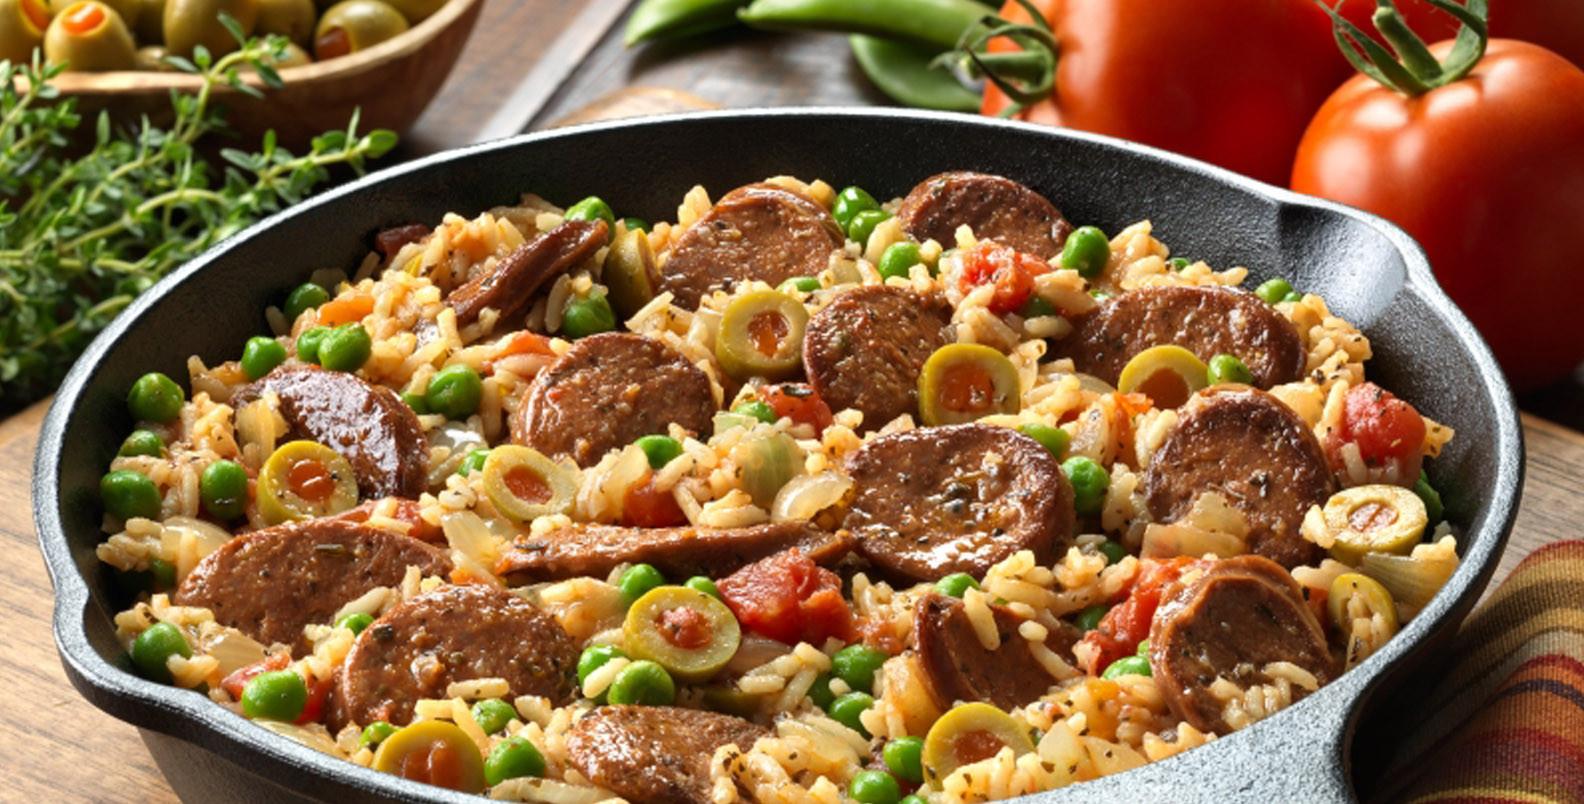 Easy Ideas For Dinner  Easy dinner recipes for 12 Food easy recipes